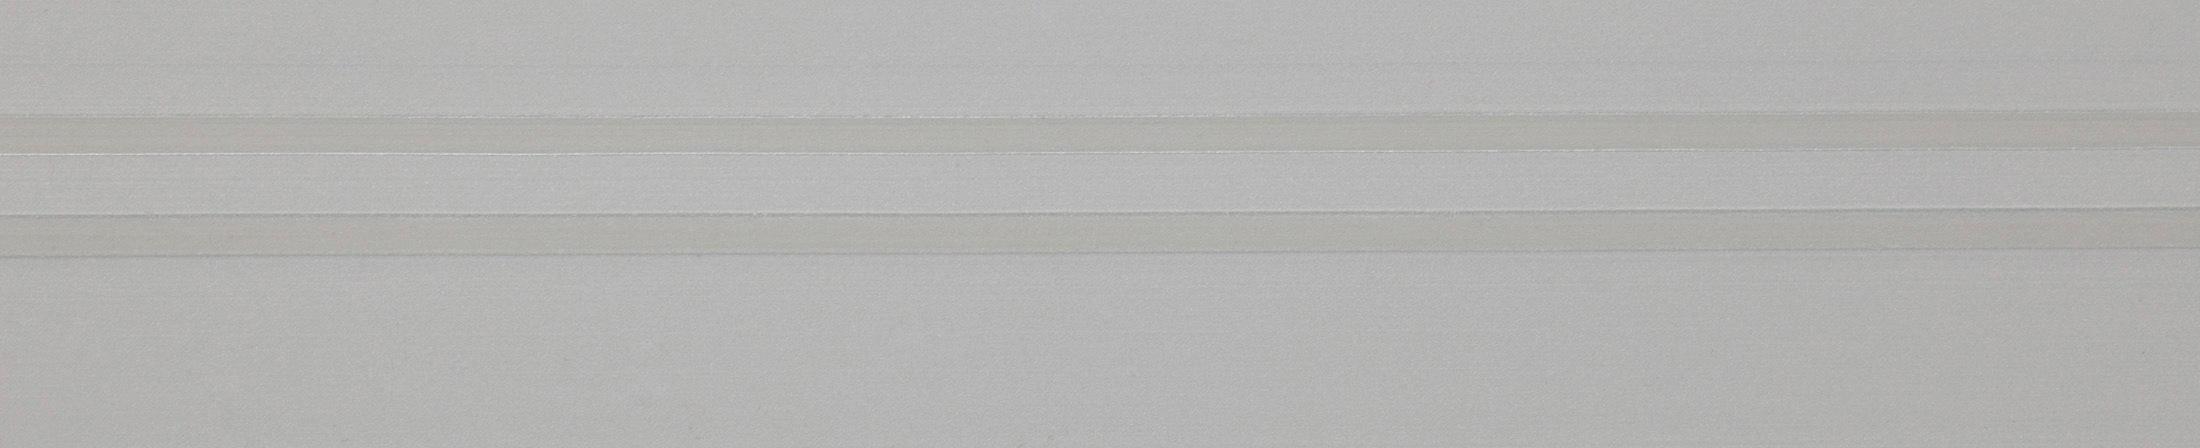 Image of BAUKULIT Flexprofil »MOTIVO«, Eck- Abschluss- und Stossverbindungen Silberfarben, 1 Rolle (3m)